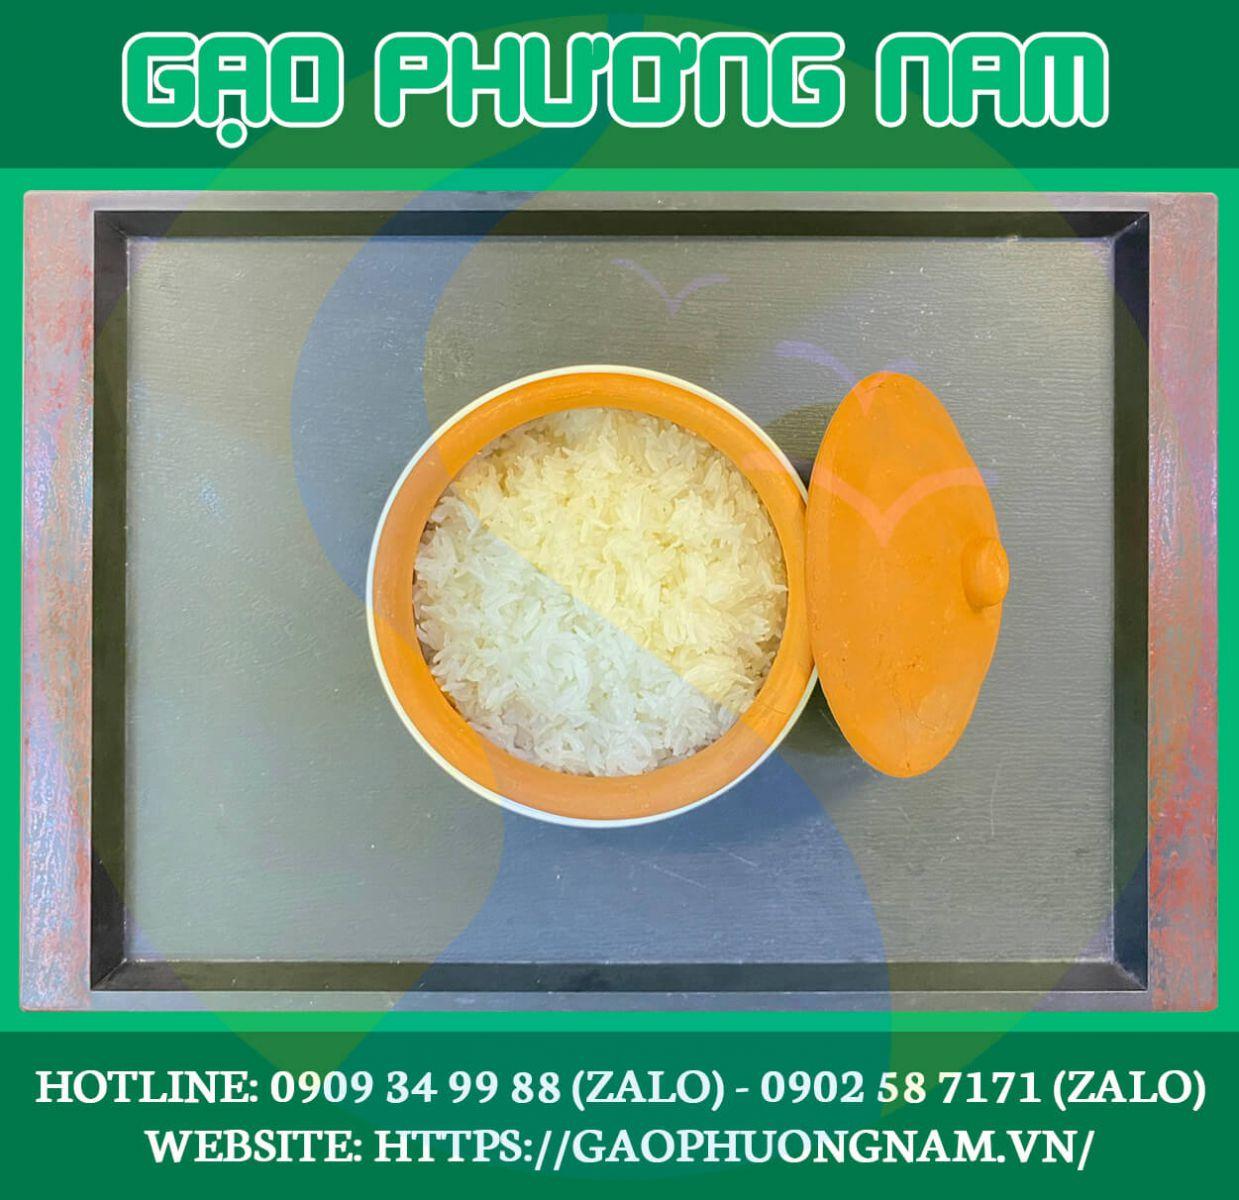 Gạo ST25 là loại gạo đặc sản ở Sóc Trăng, được người tiêu dùng rất ưa chuộng